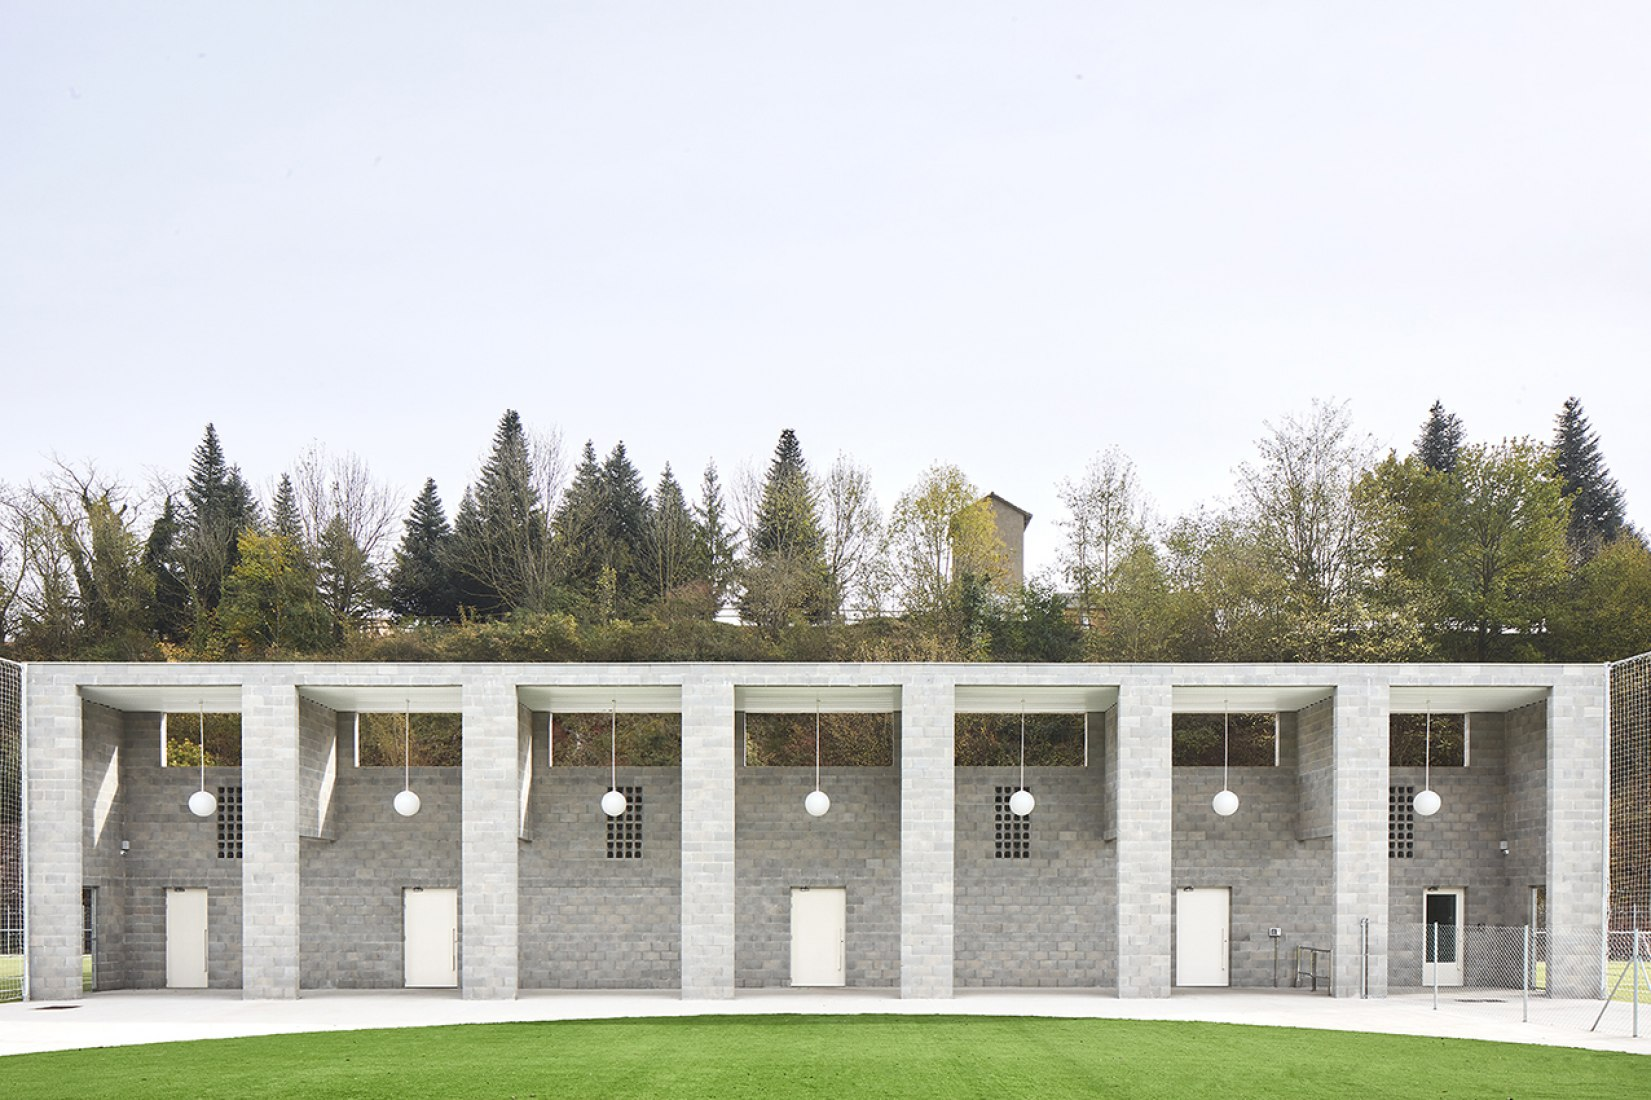 Instalaciones deportivas, Ágora por unparelld'arquitectes. Fotografía por José Hevia